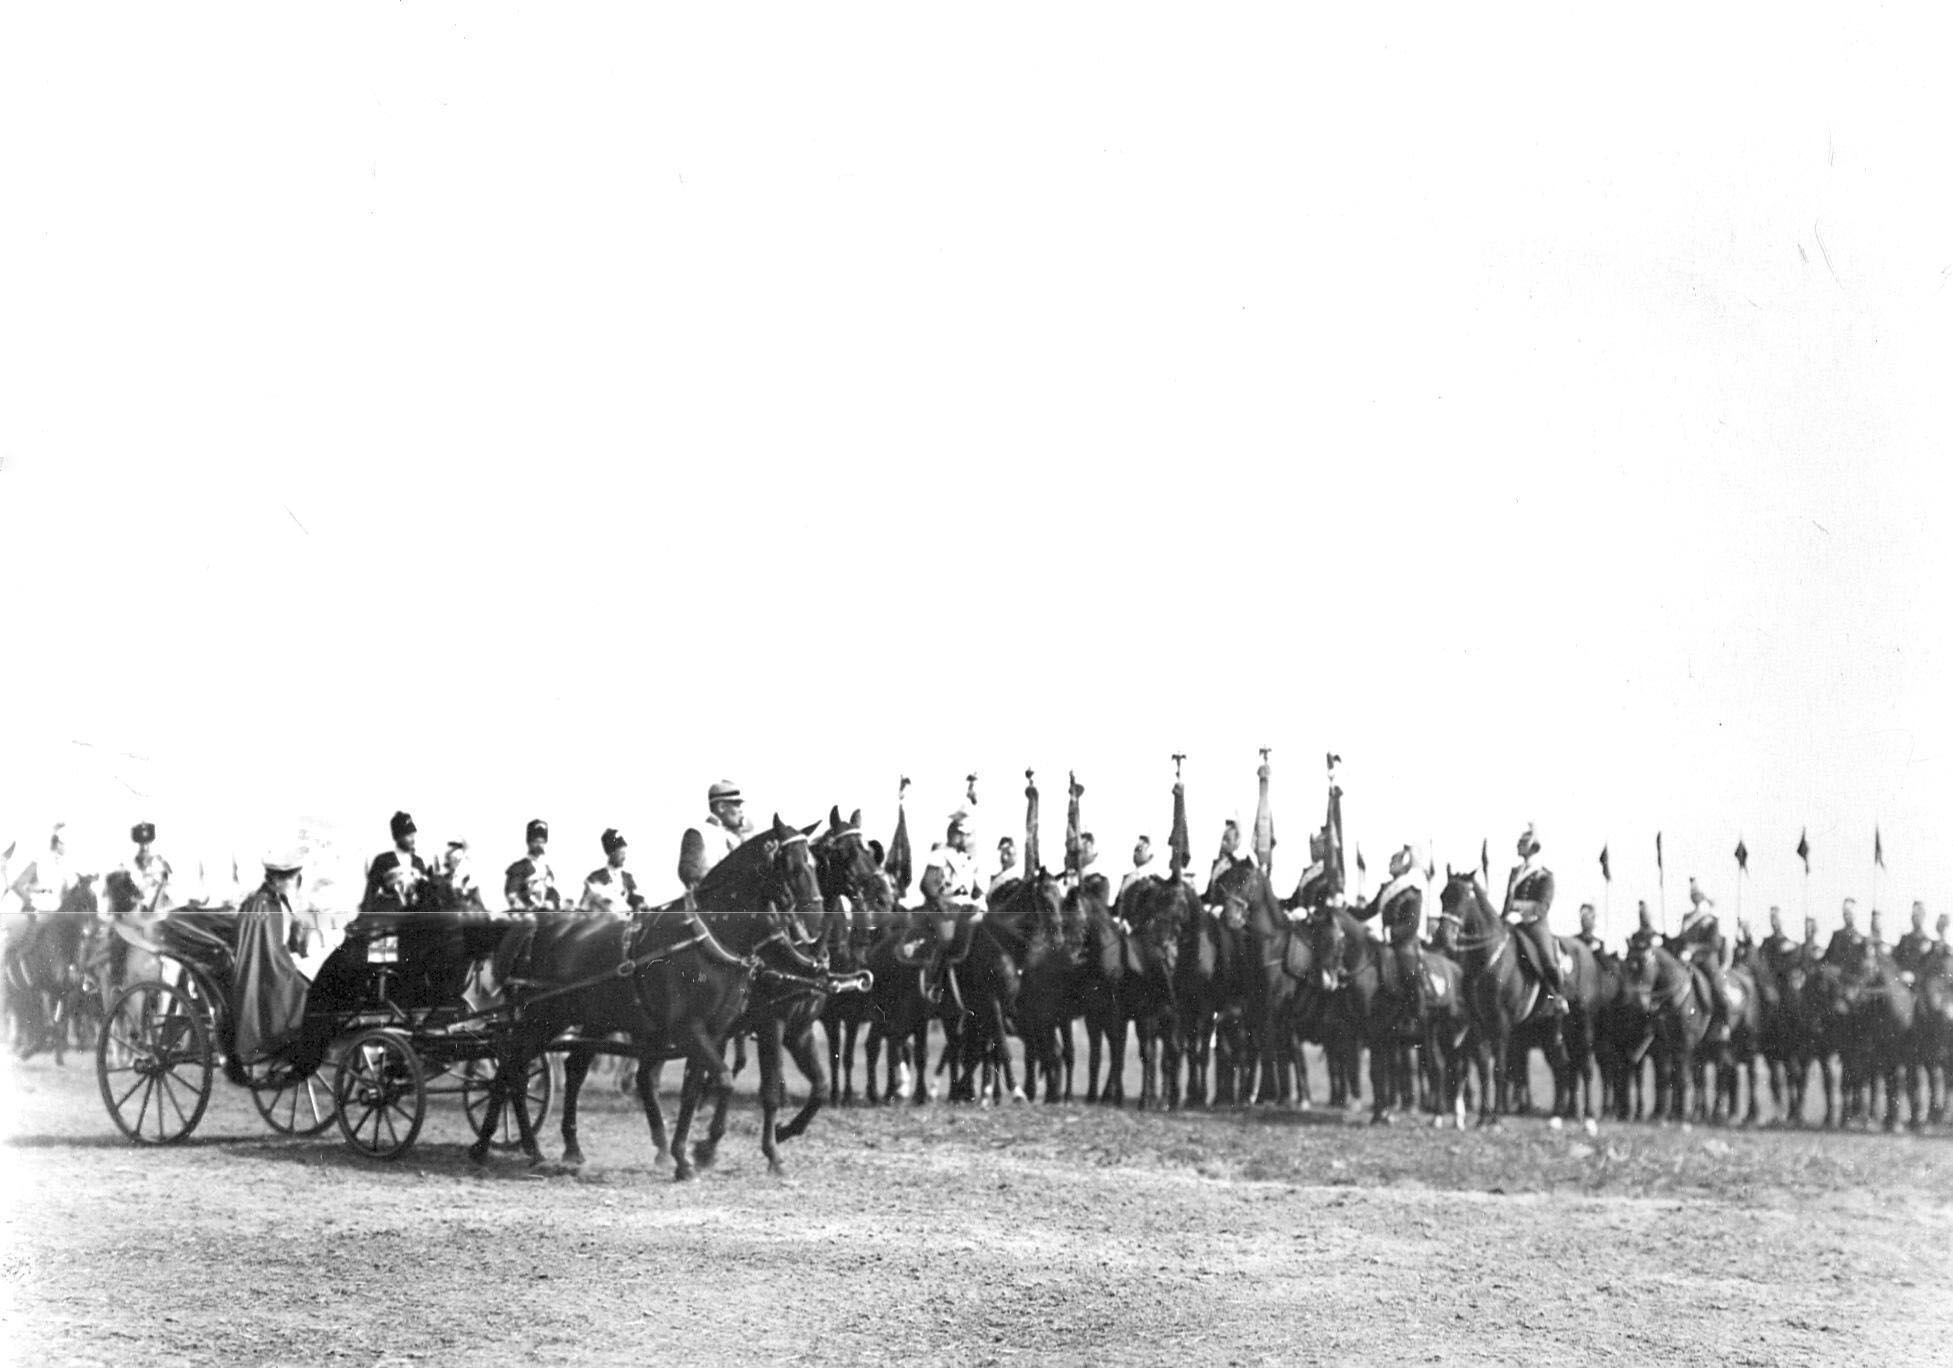 Император Николай II с семьей и свитой объезжает полк во время парада улан в день празднования 250-летнего юбилея полка